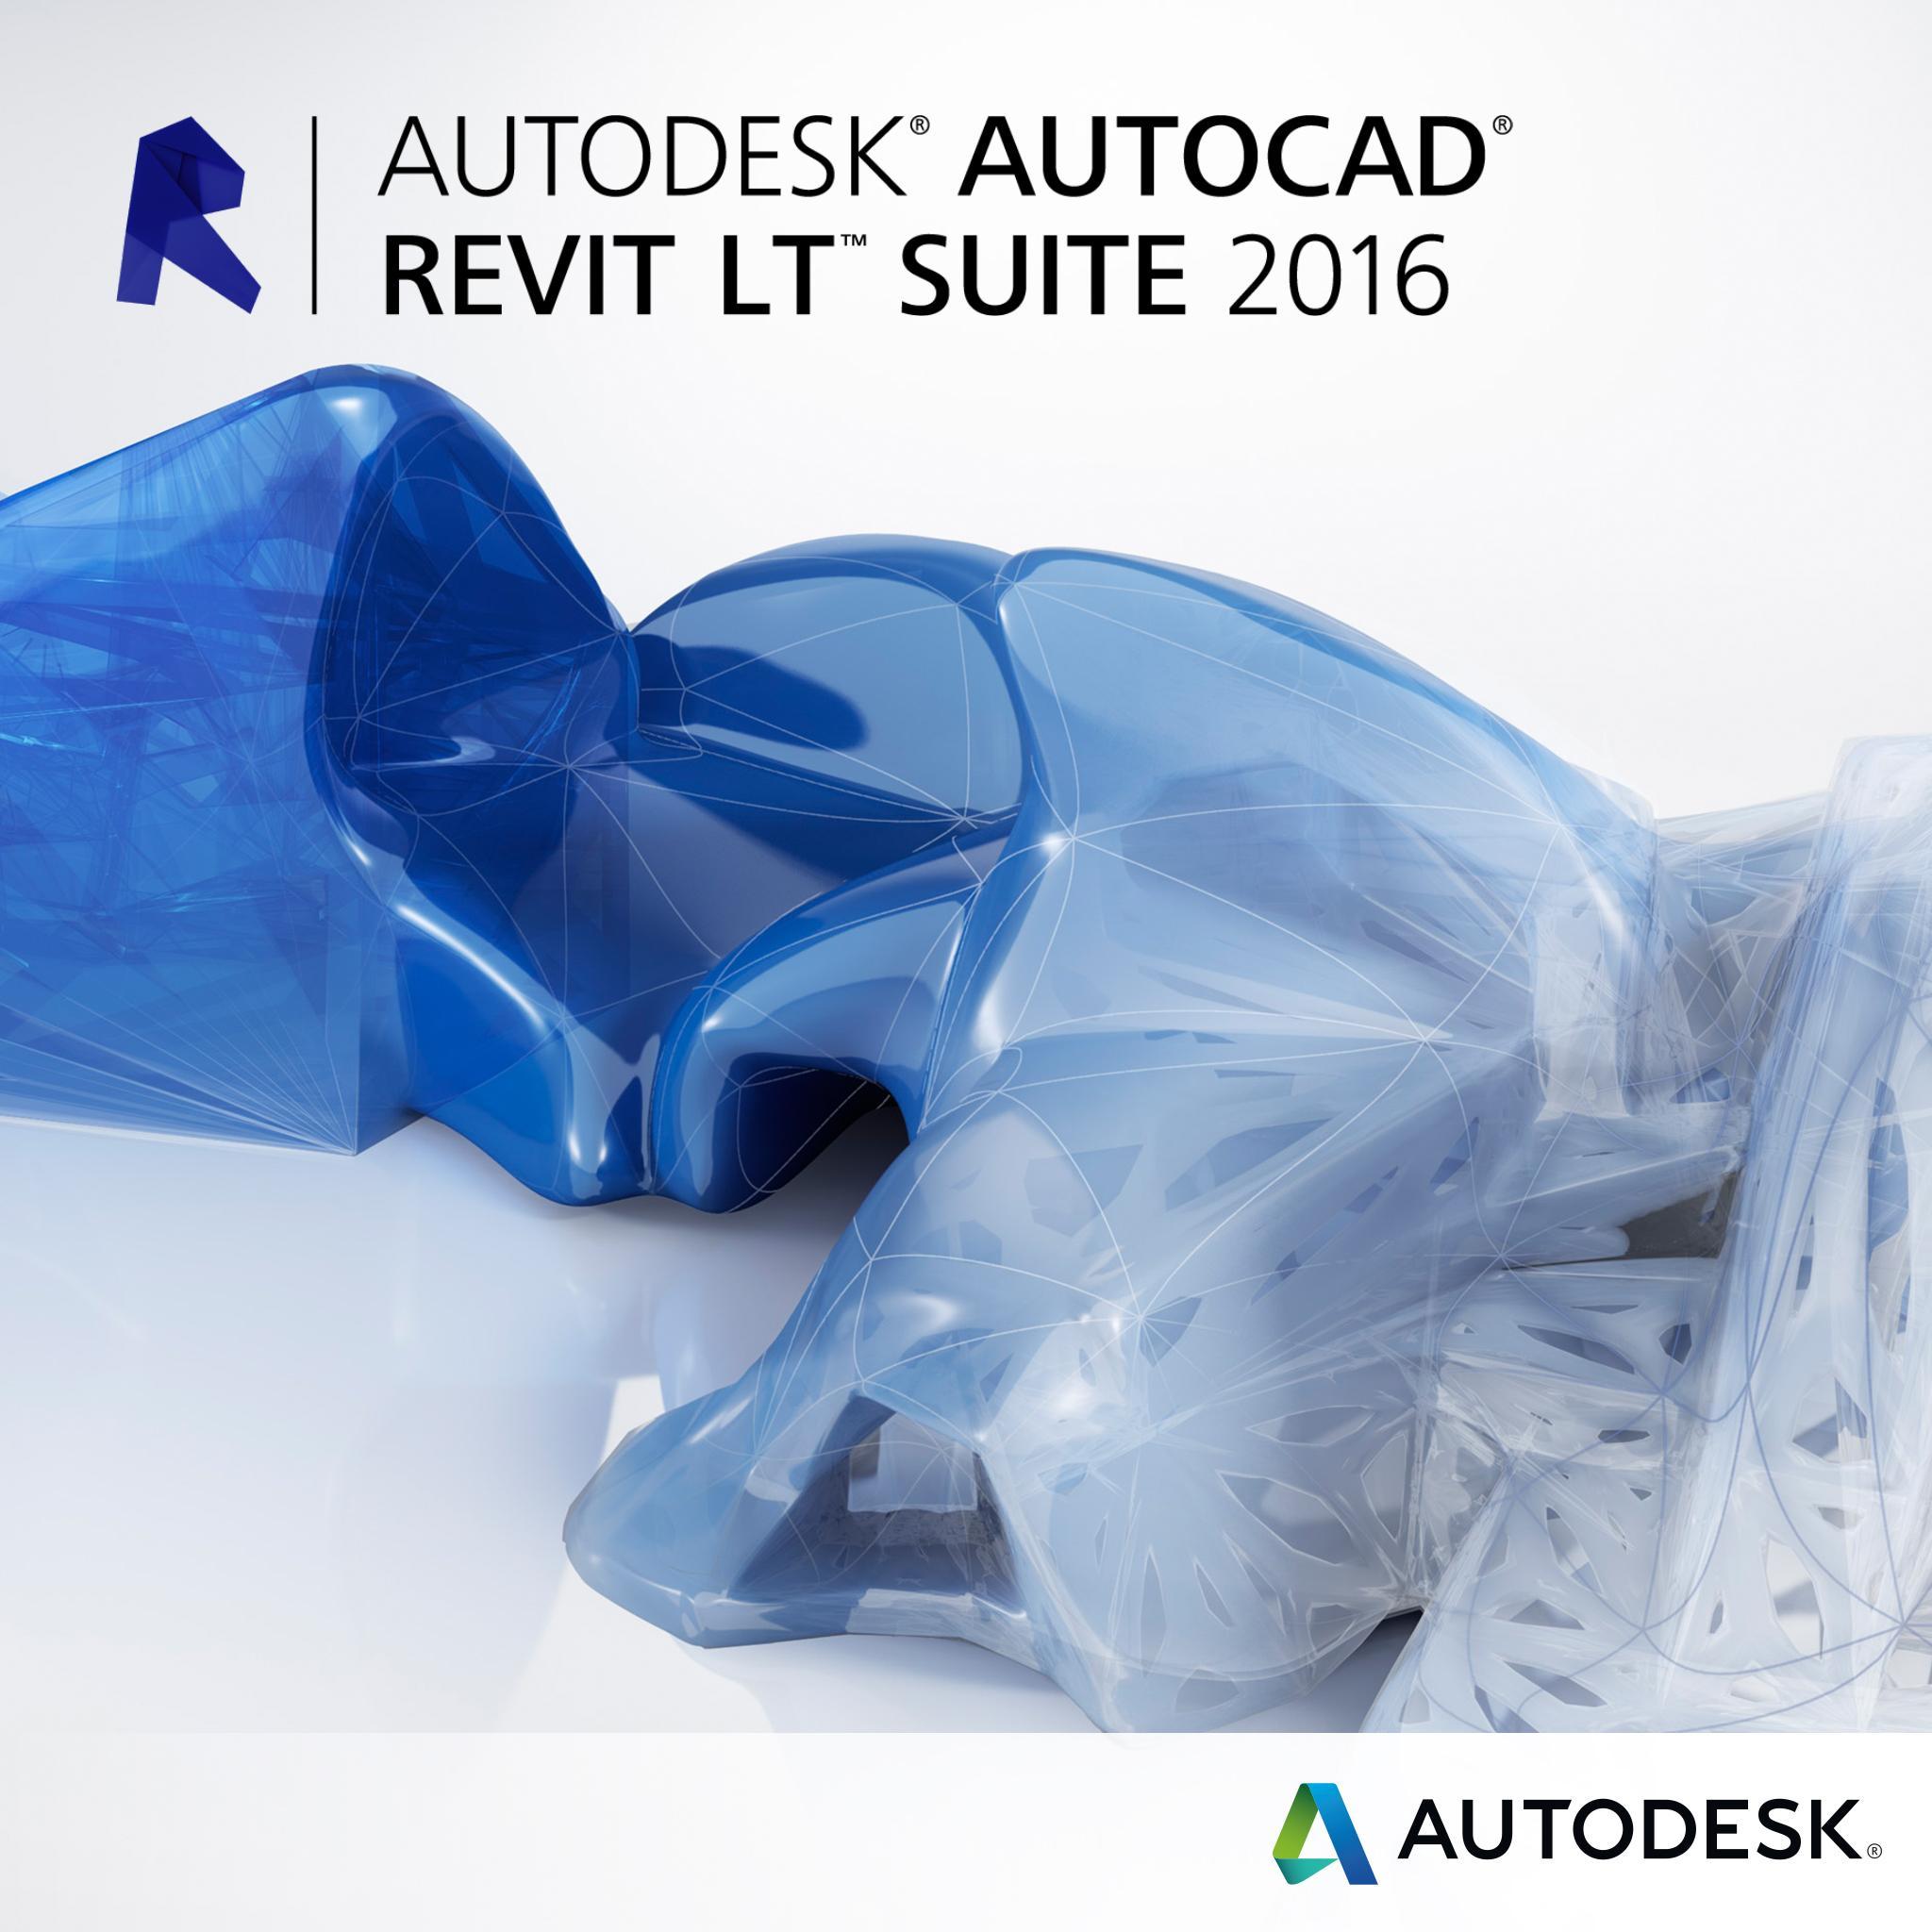 autocad revit lt suite make the move to bim software autodesk autocad ...